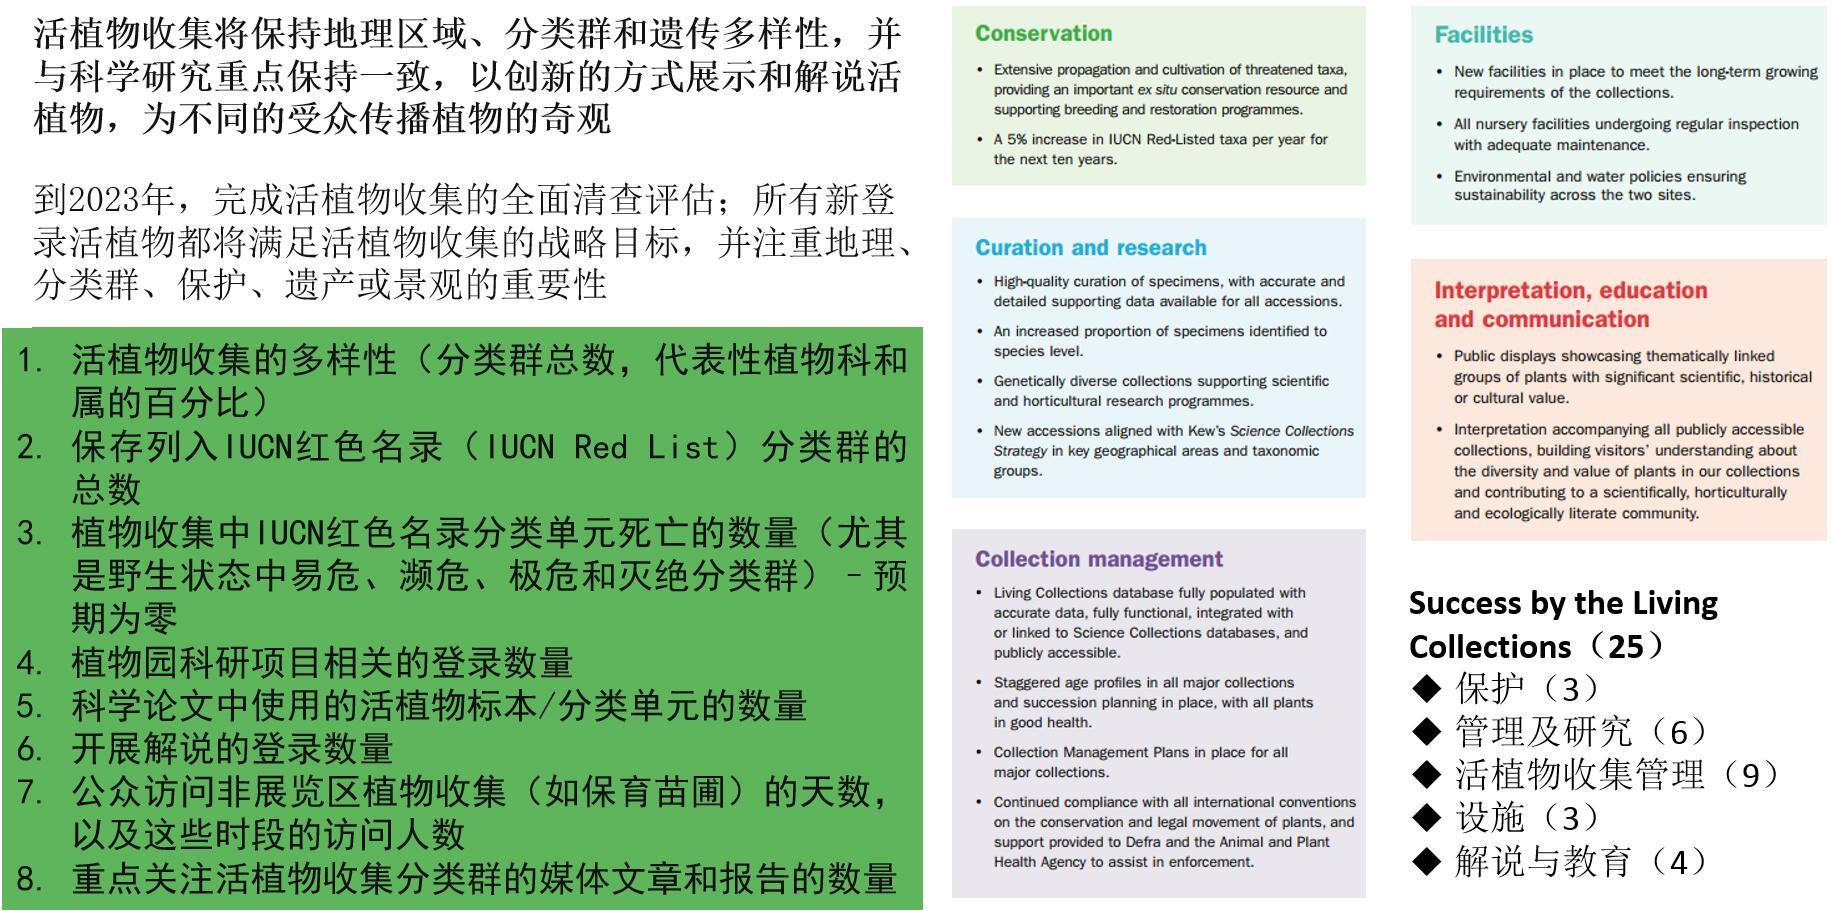 图5 活植物收集成功的指标体系.jpg